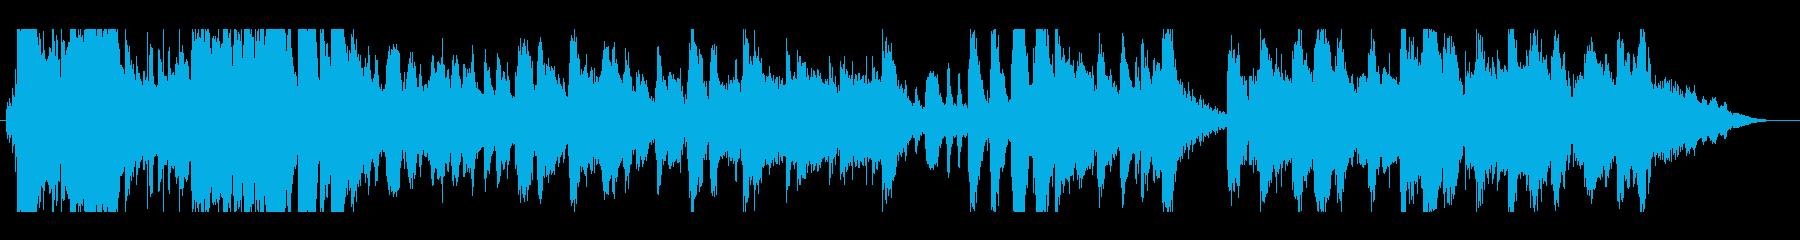 ビッグディズニータイプのオーケスト...の再生済みの波形